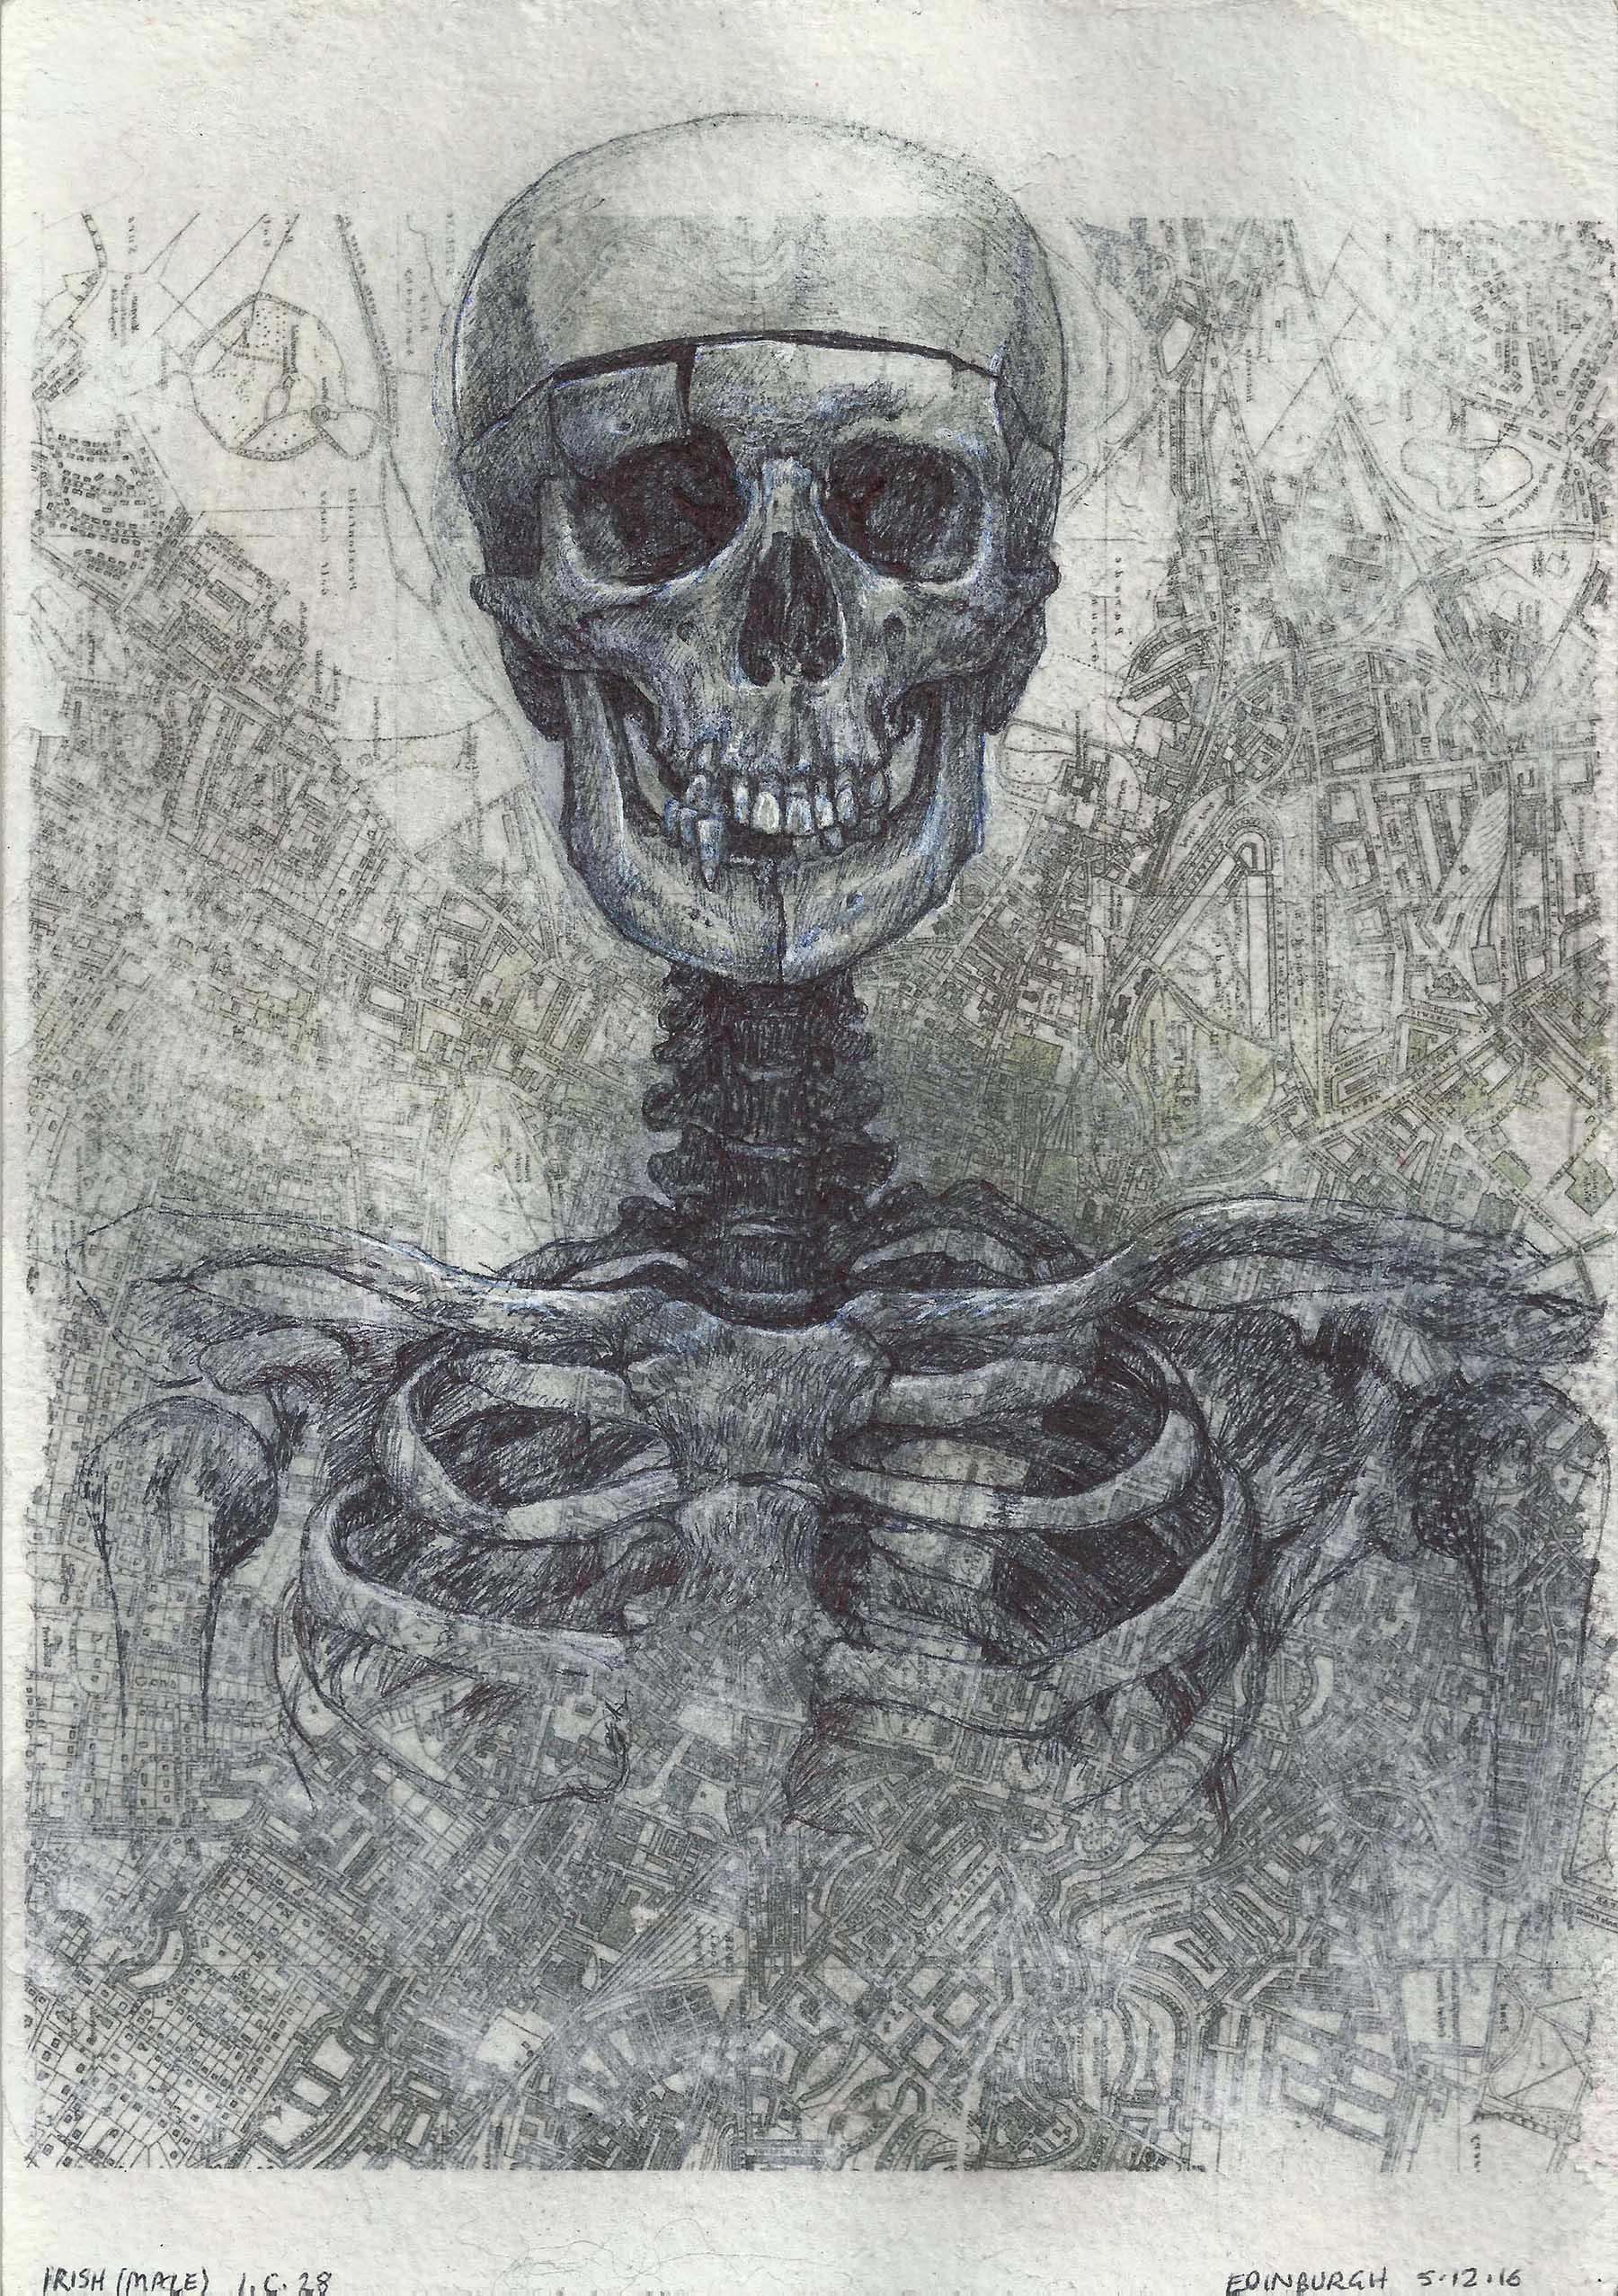 Irish Male , Biro and white pen over transfer on paper, 20 x 28 cm